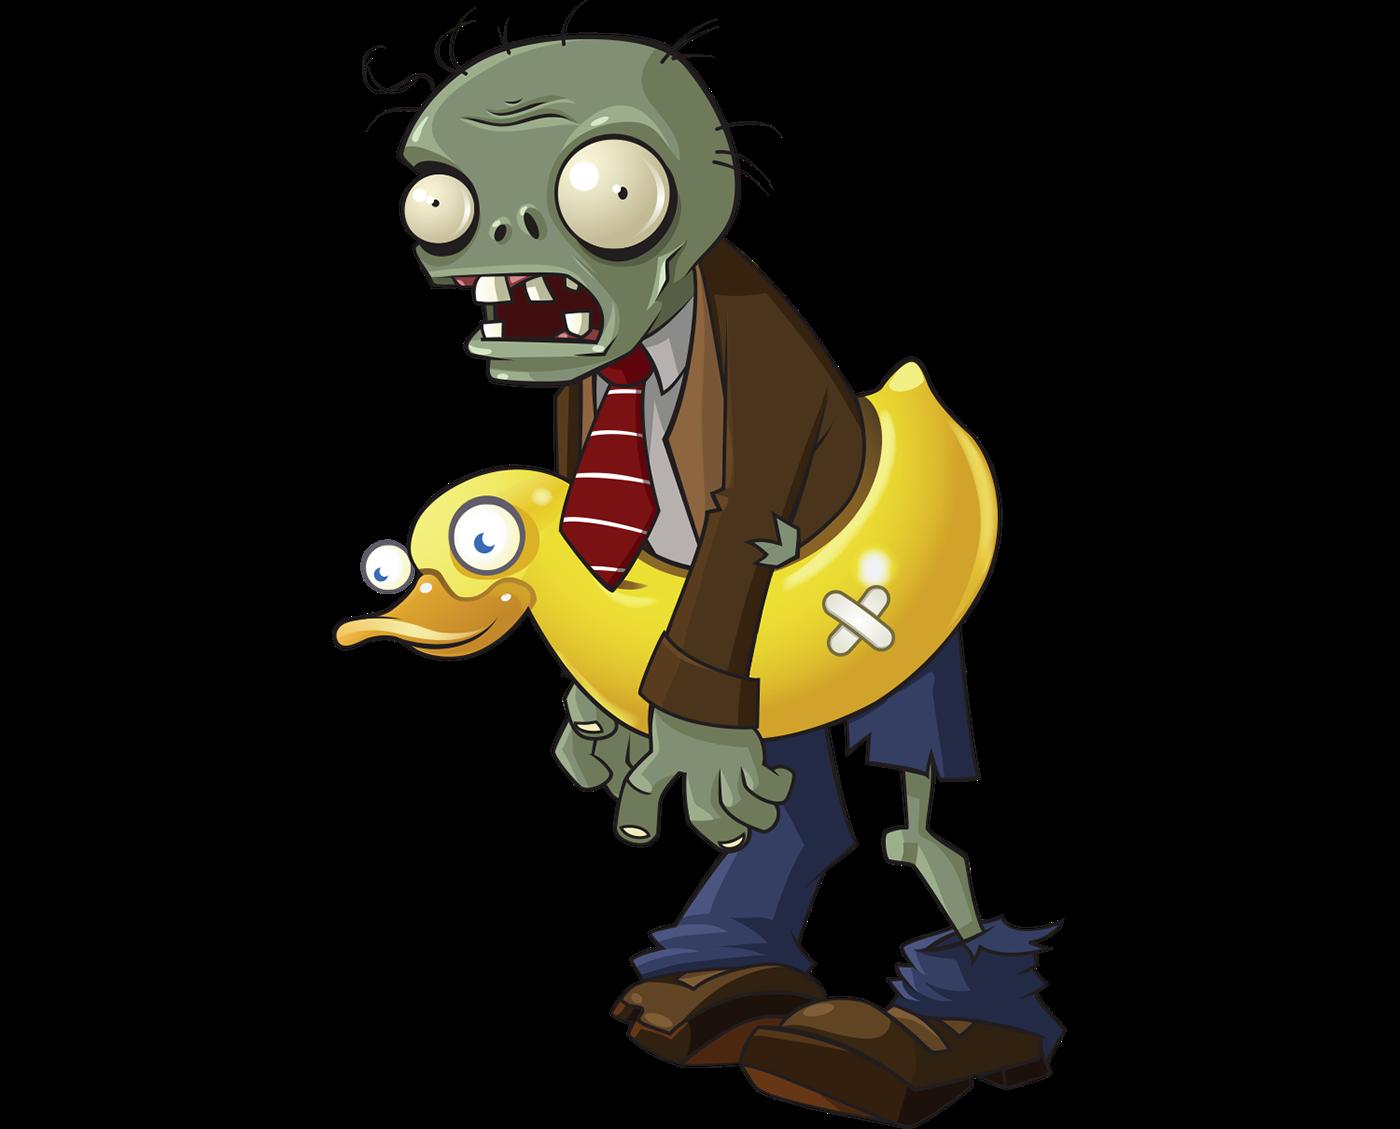 открытка зомби против растений большего понимания процесса